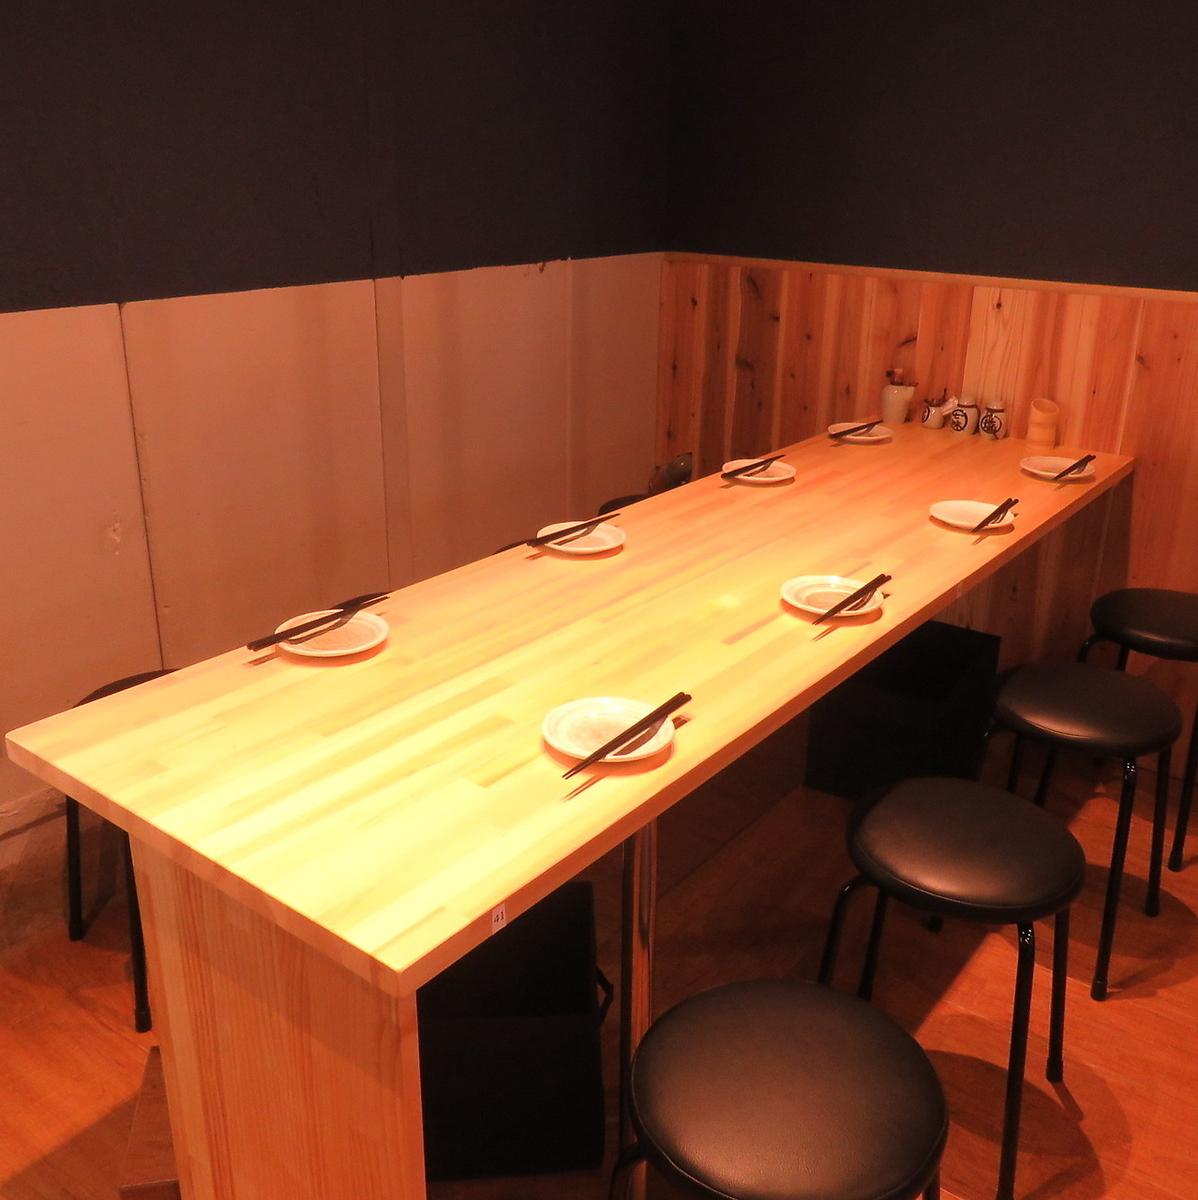 사용하기 쉬운 테이블 석은 퇴근길의 회식에도 최적 ◎ 아키하바라에 오시면 꼭 한번 들러주세요 ♪